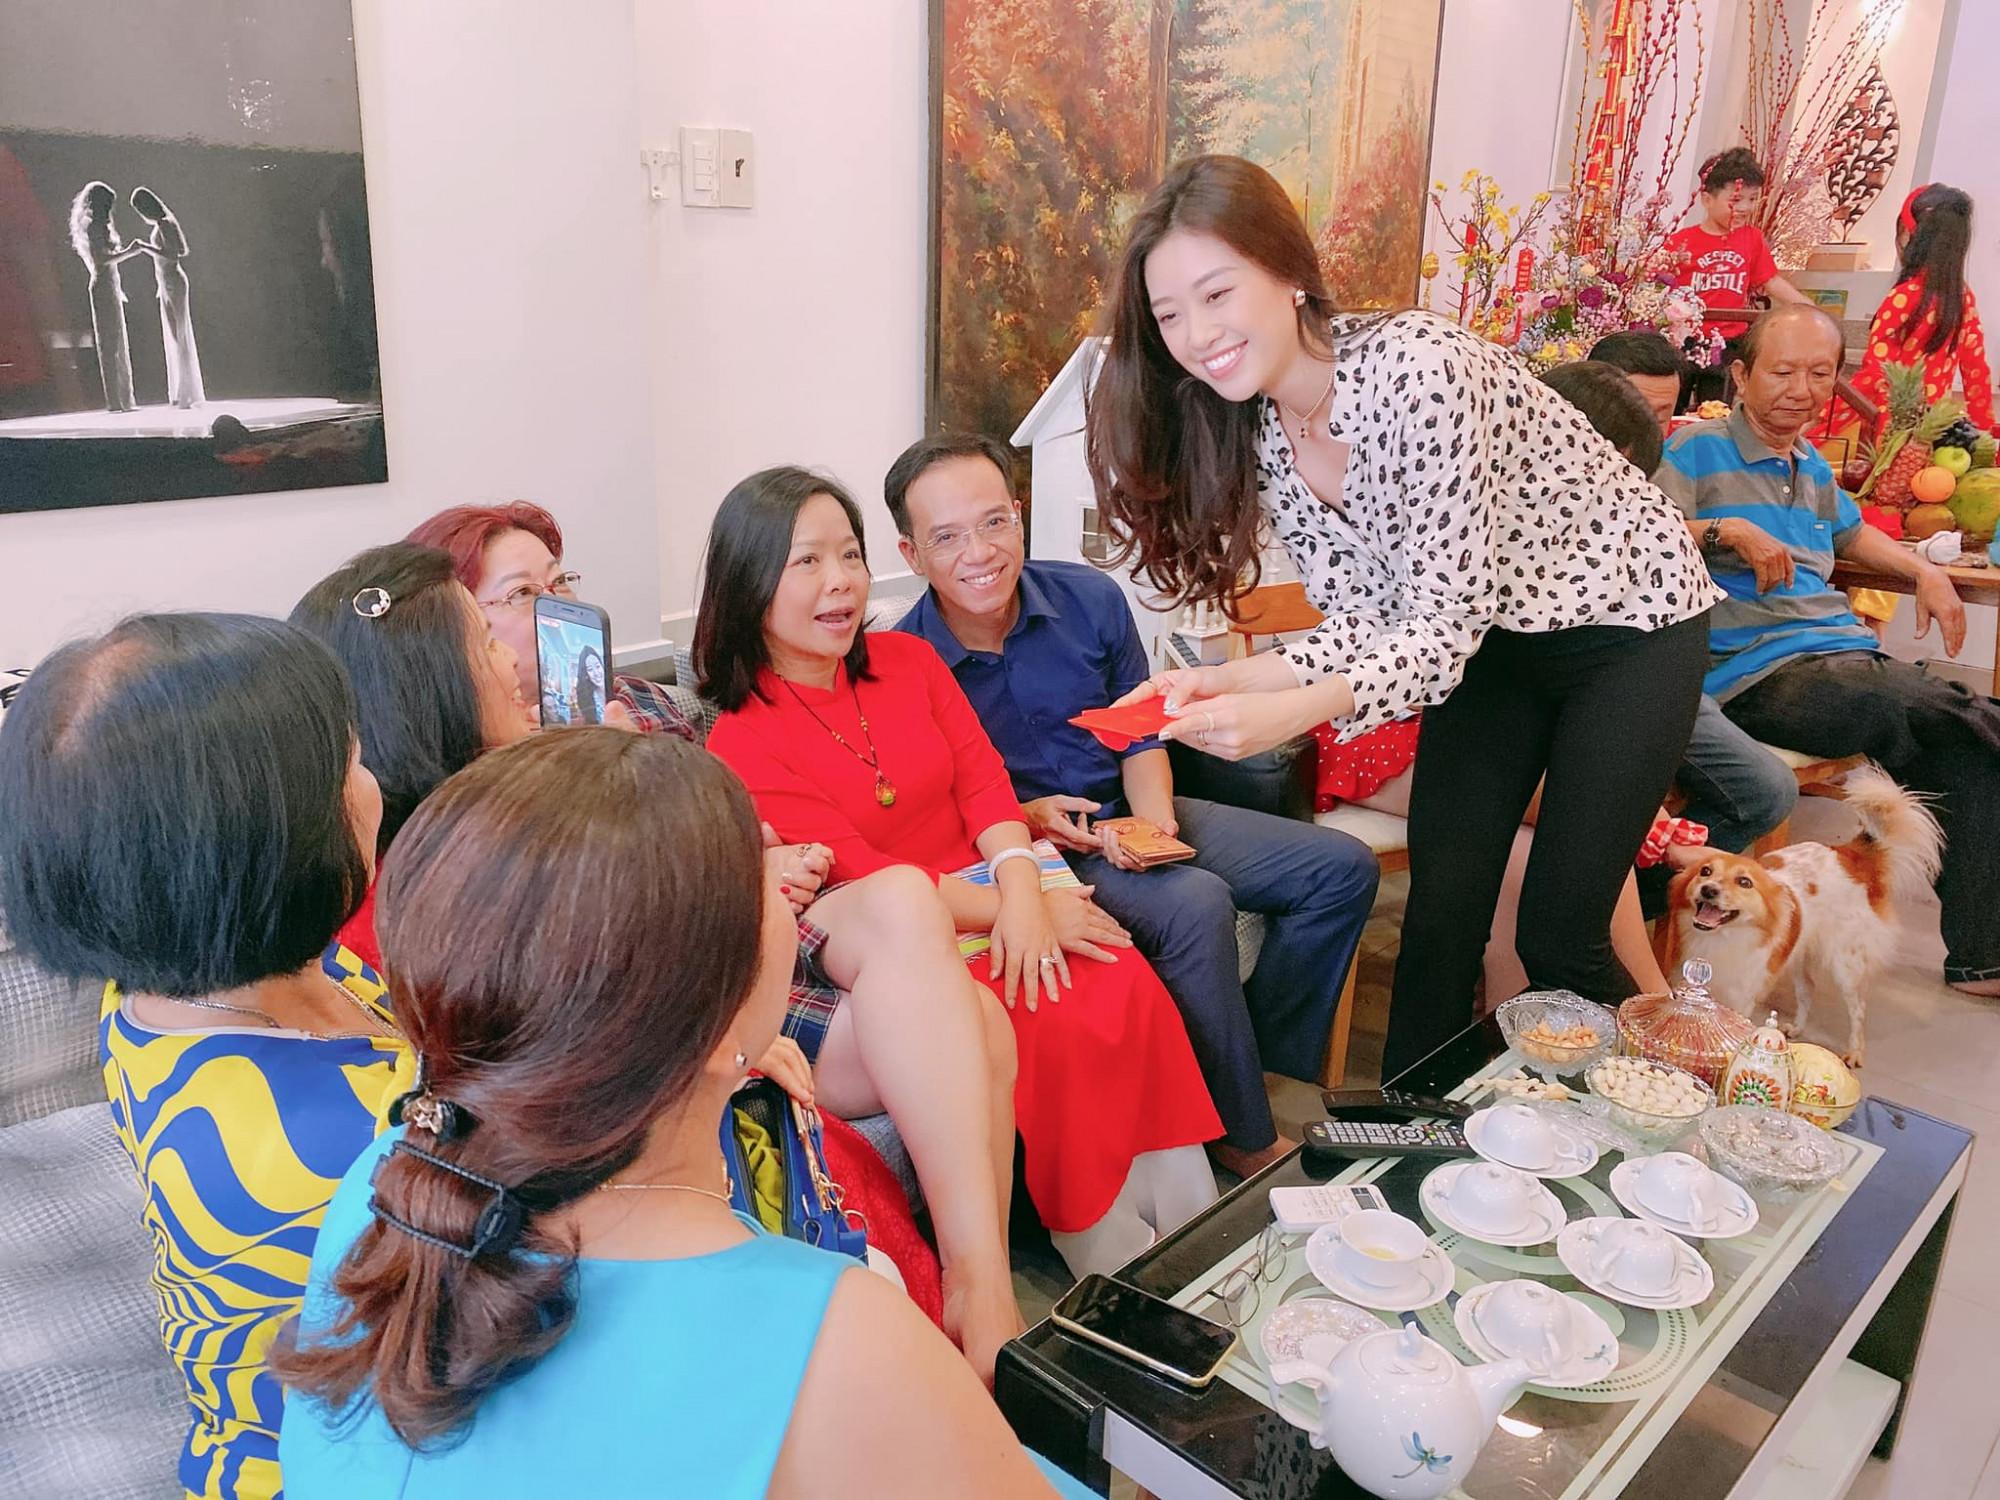 Hoa hậu Khánh Vân giản dị với áo chấm bi phối cùng quần âu trong ngày Mùng 1 Tết.